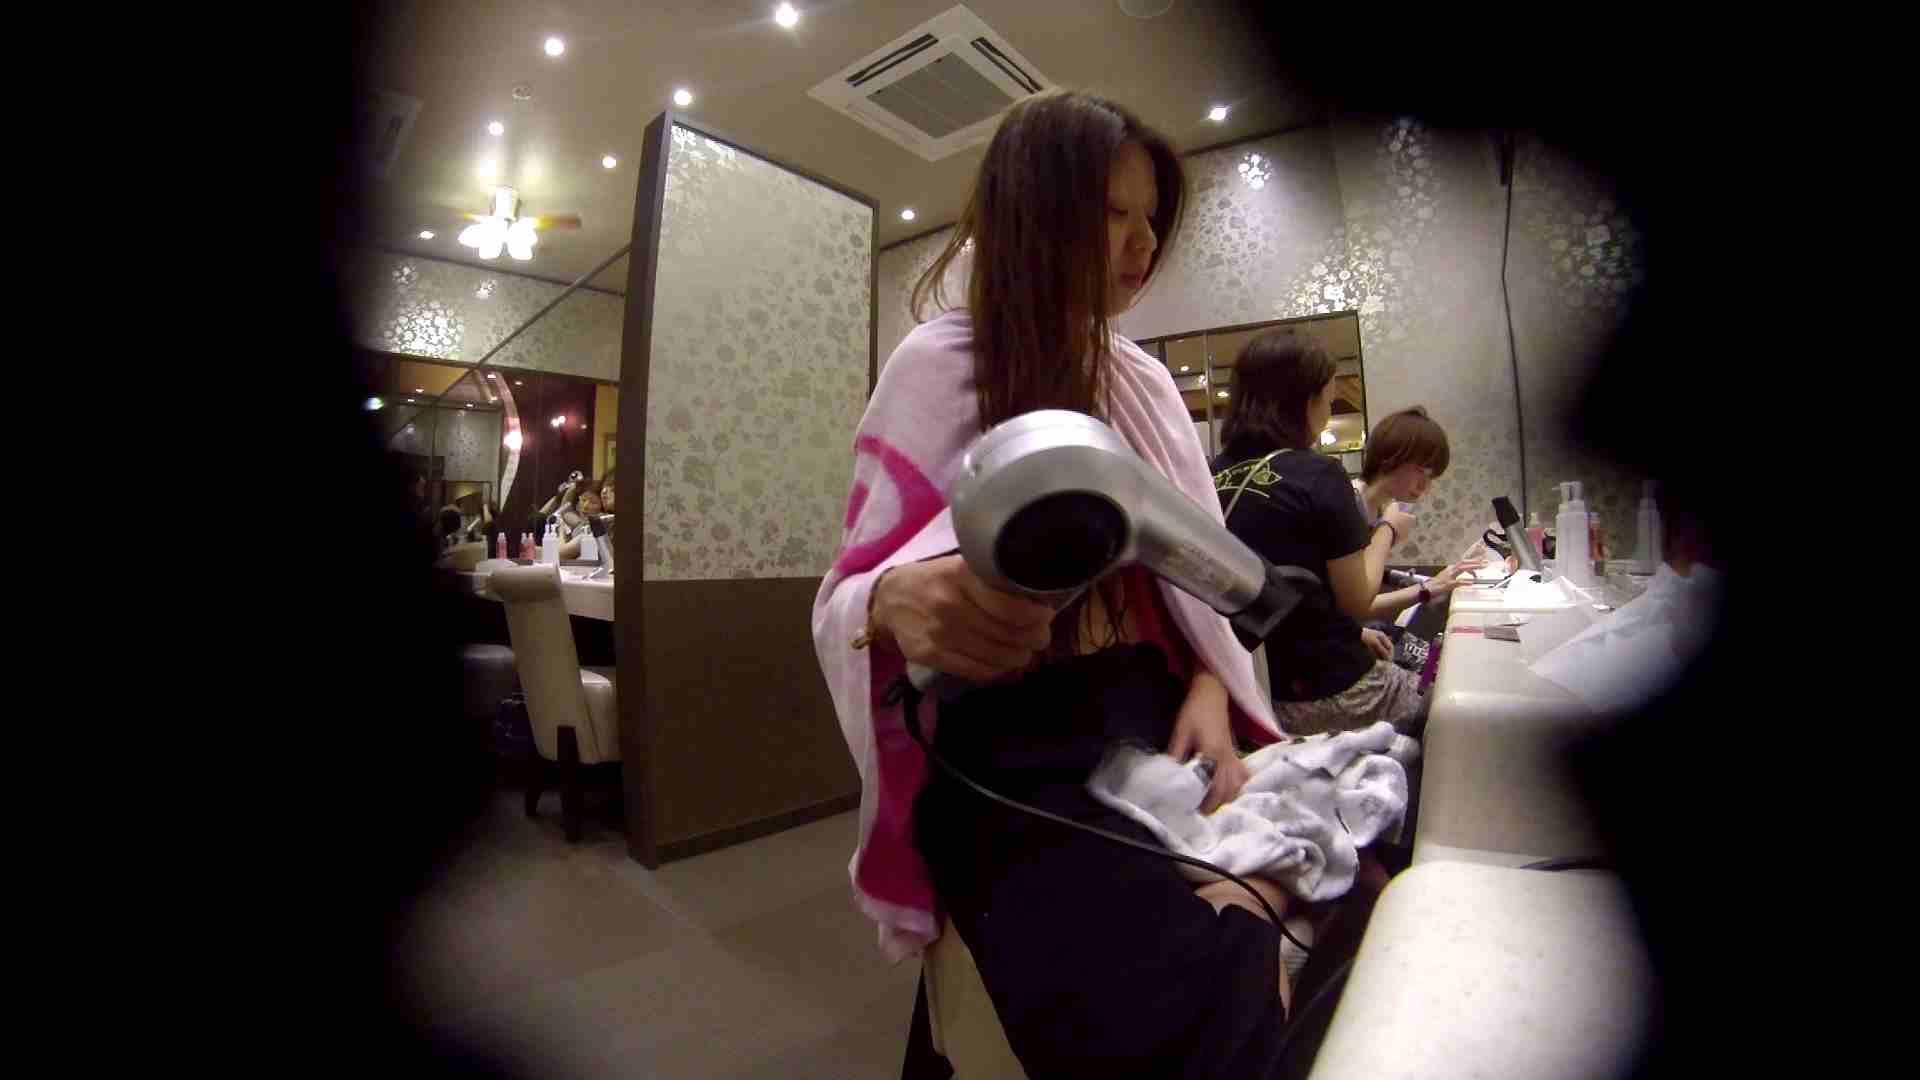 オムニバス!出入り口~シャワー~メイク室と移動。たくさんの女性が登場します 桃色シャワー | 銭湯  92pic 58